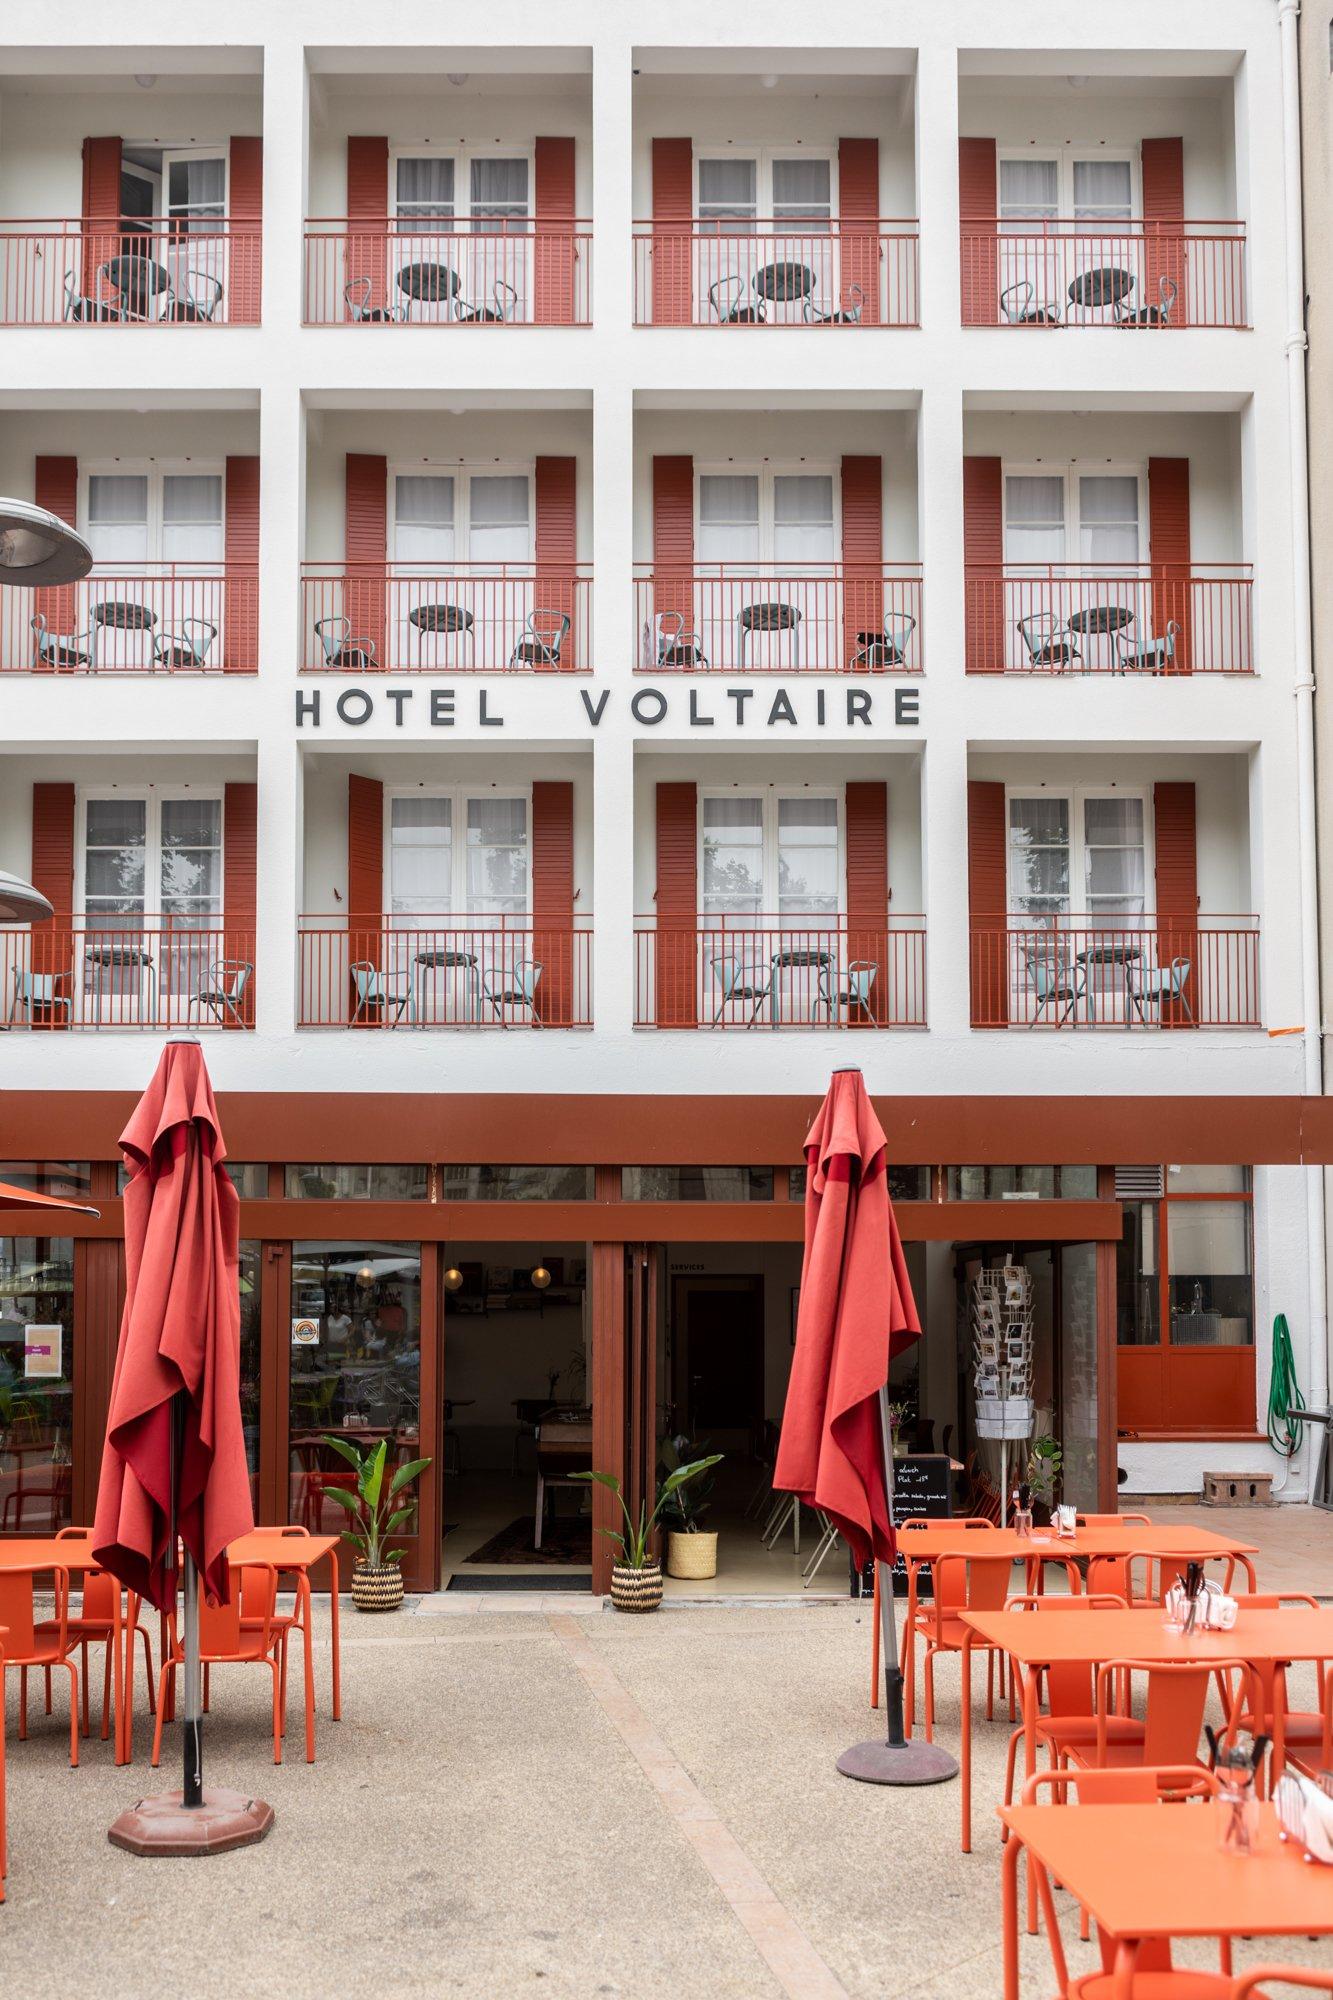 Le nouveau souffle de <br> l'hôtel Voltaire